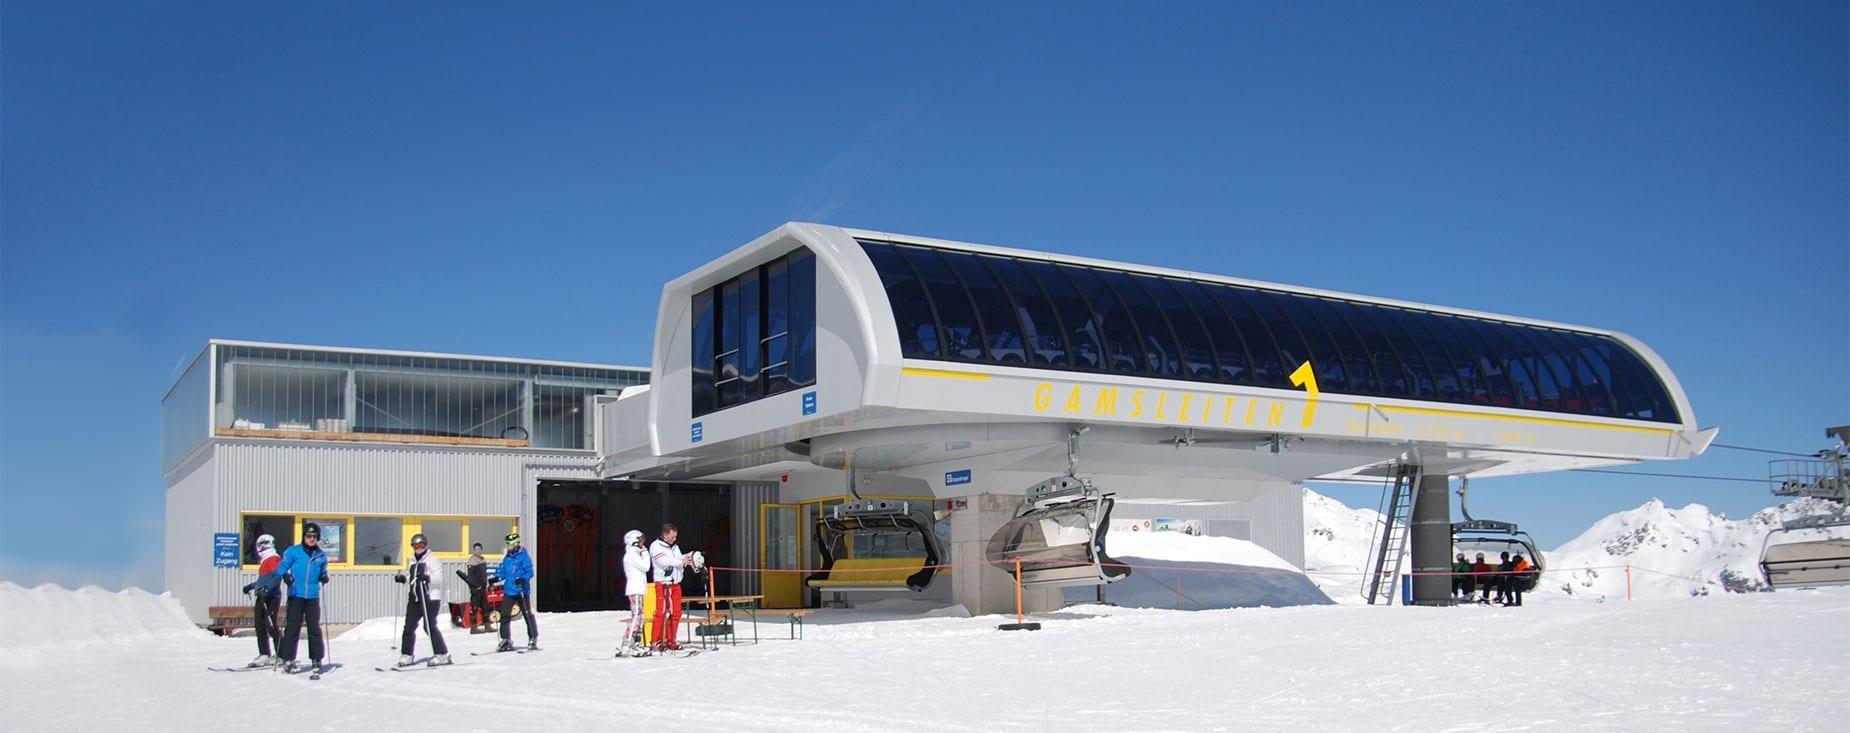 Gamsleiten 1 im Skigebiet Obertauern, Salzburg